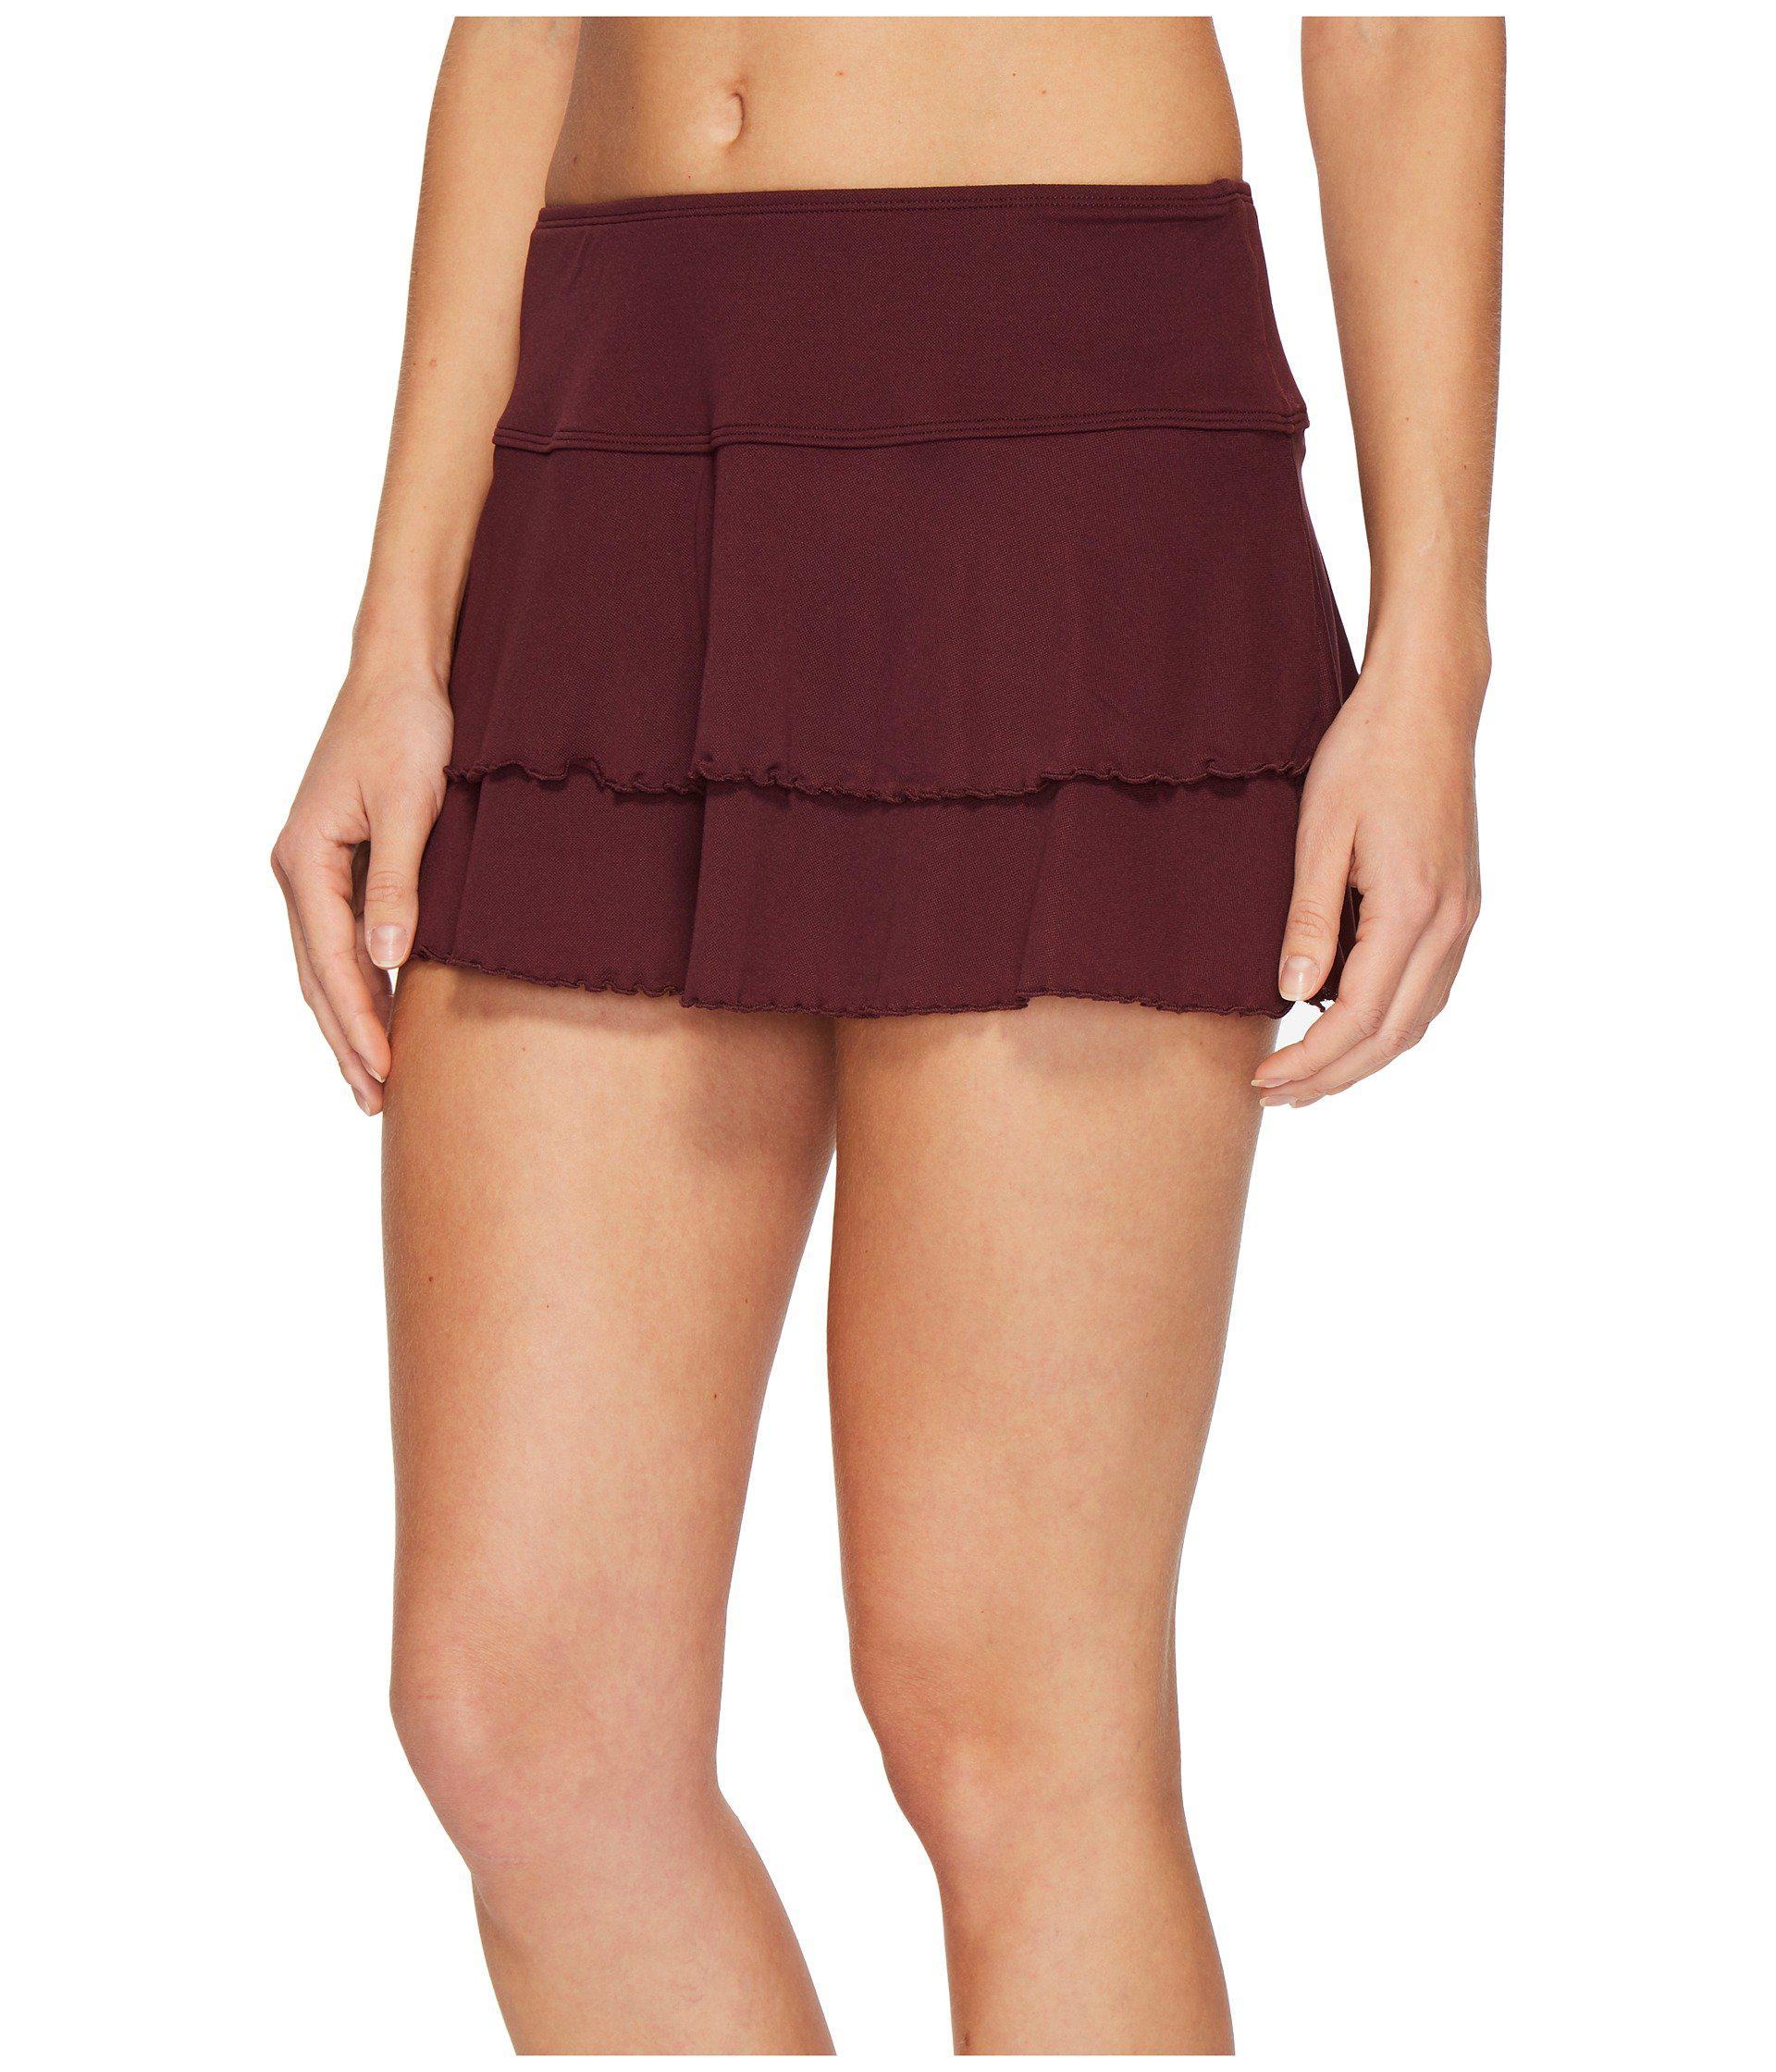 ffb5b014e Lyst - Body Glove Smoothies Lambada Skirt (magnolia) Women's Swimwear in Red